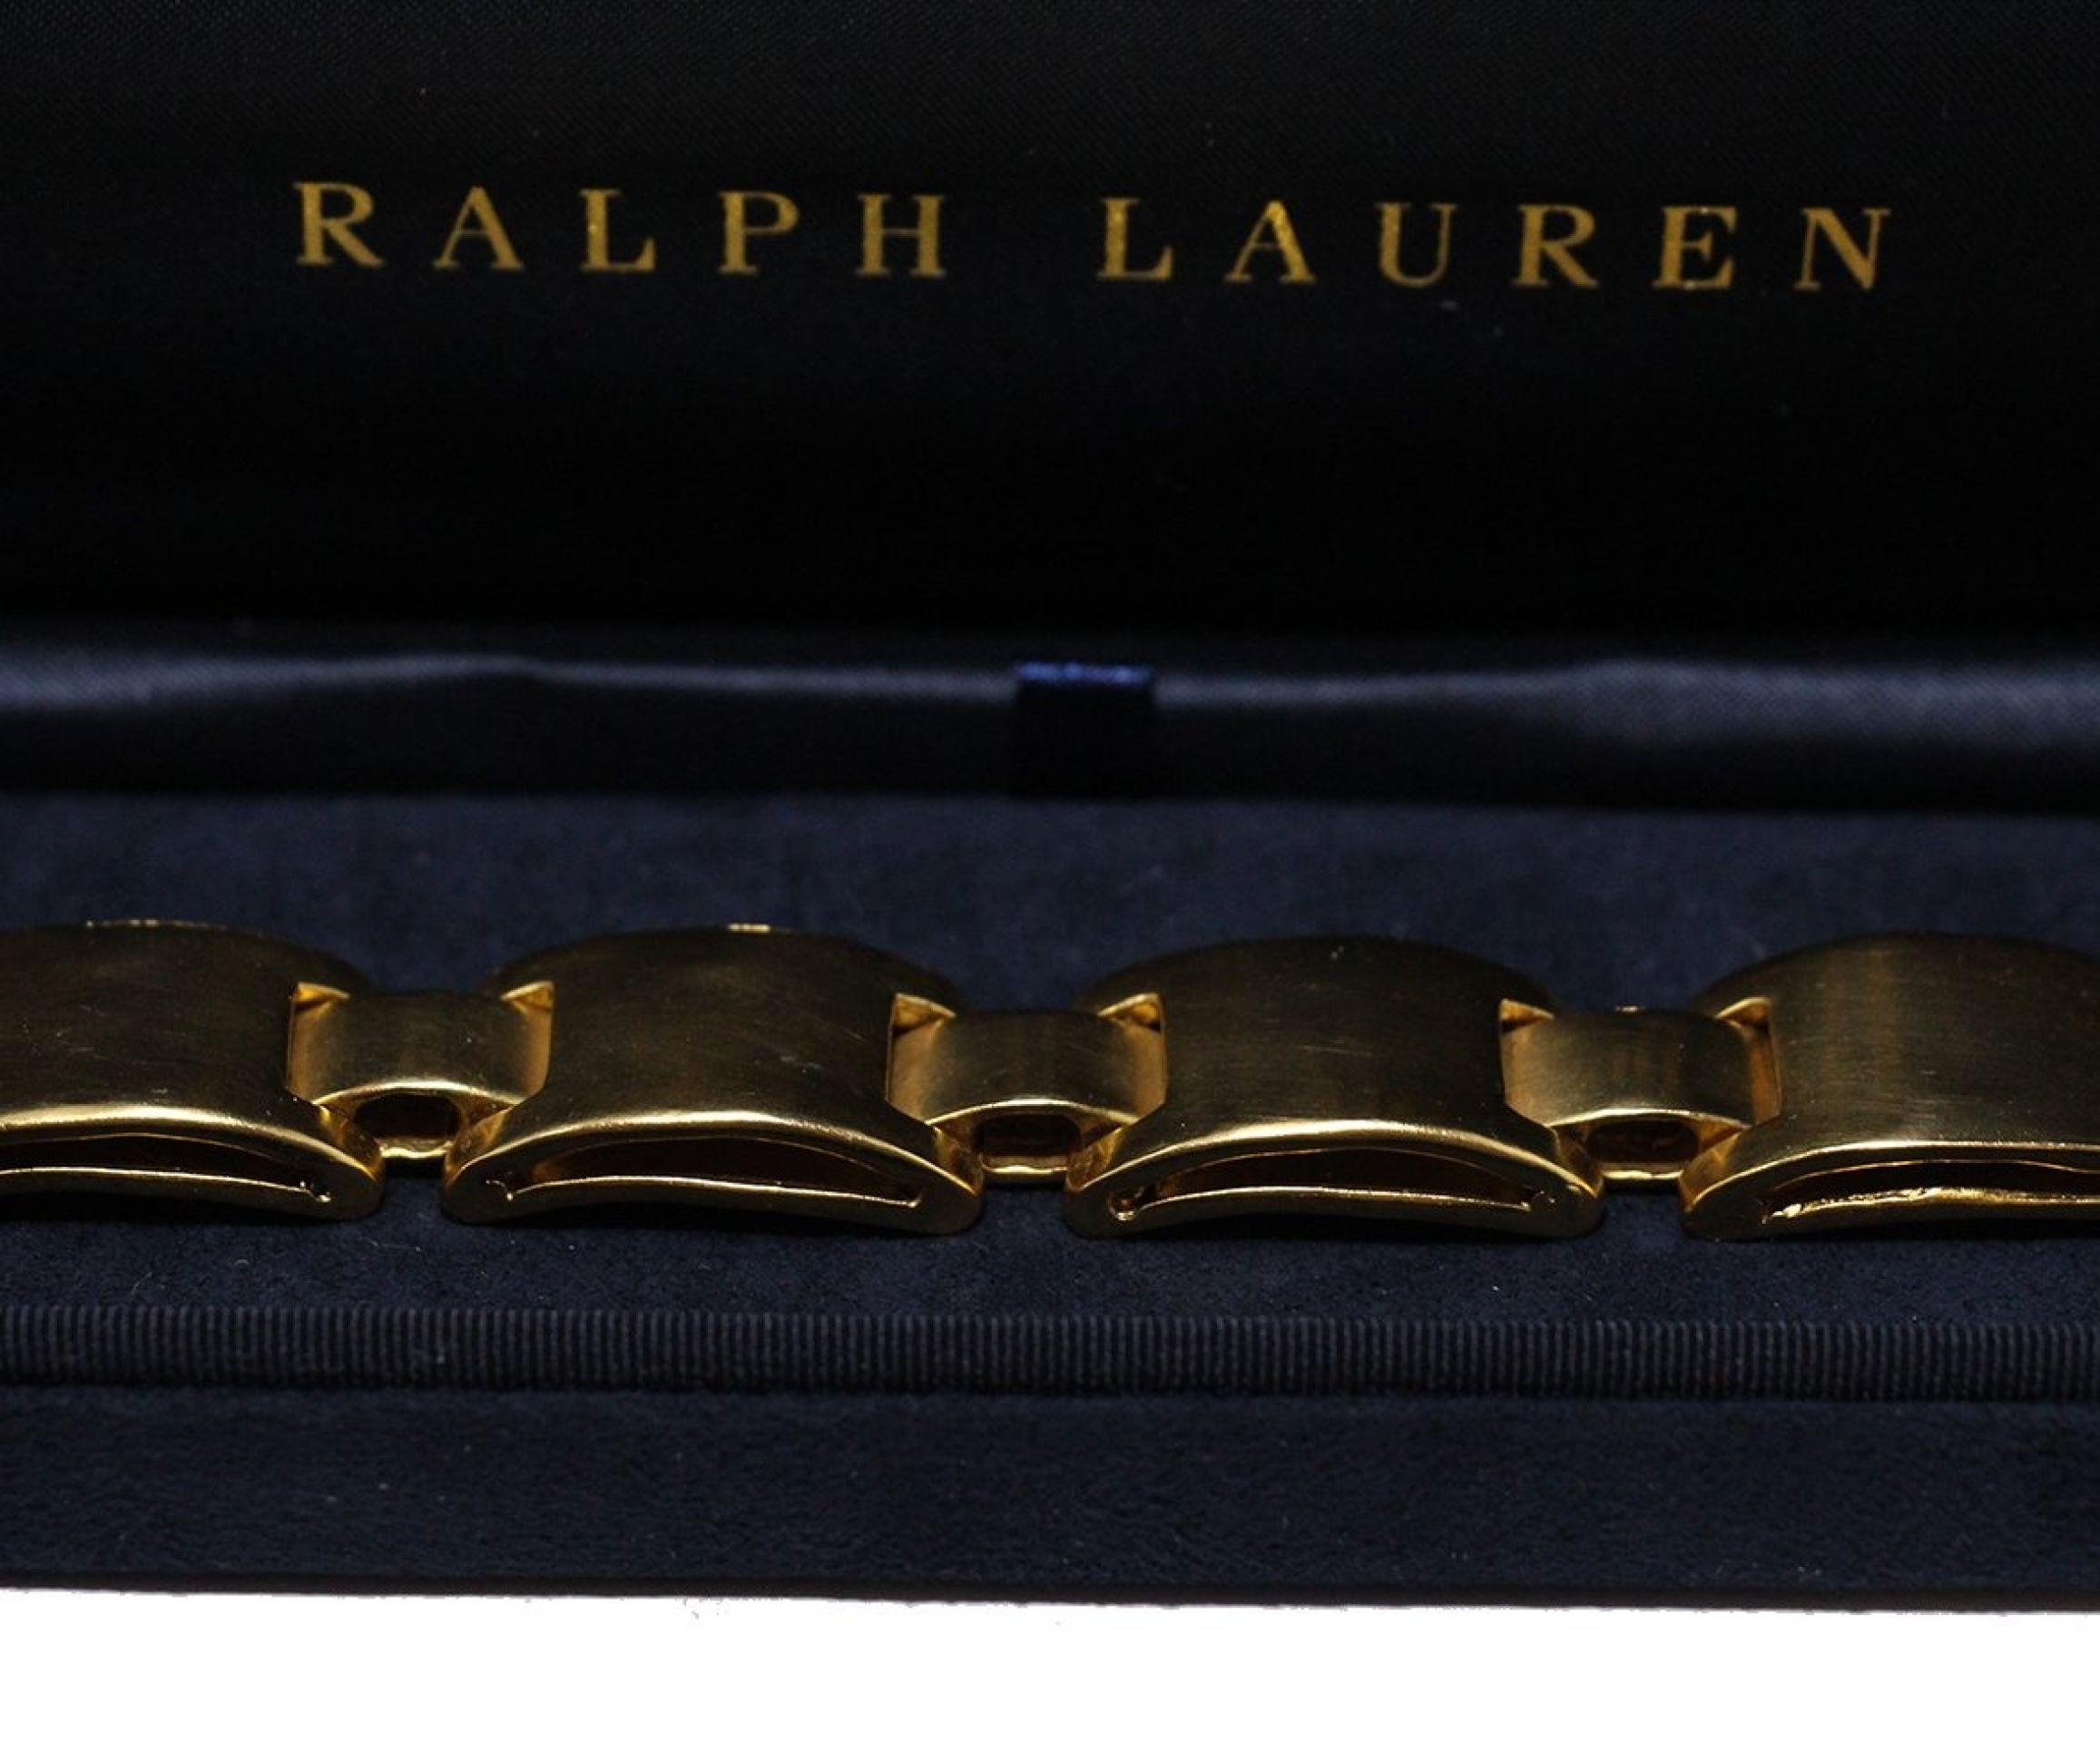 RALPH LAUREN METALLIC GOLD BRACELET